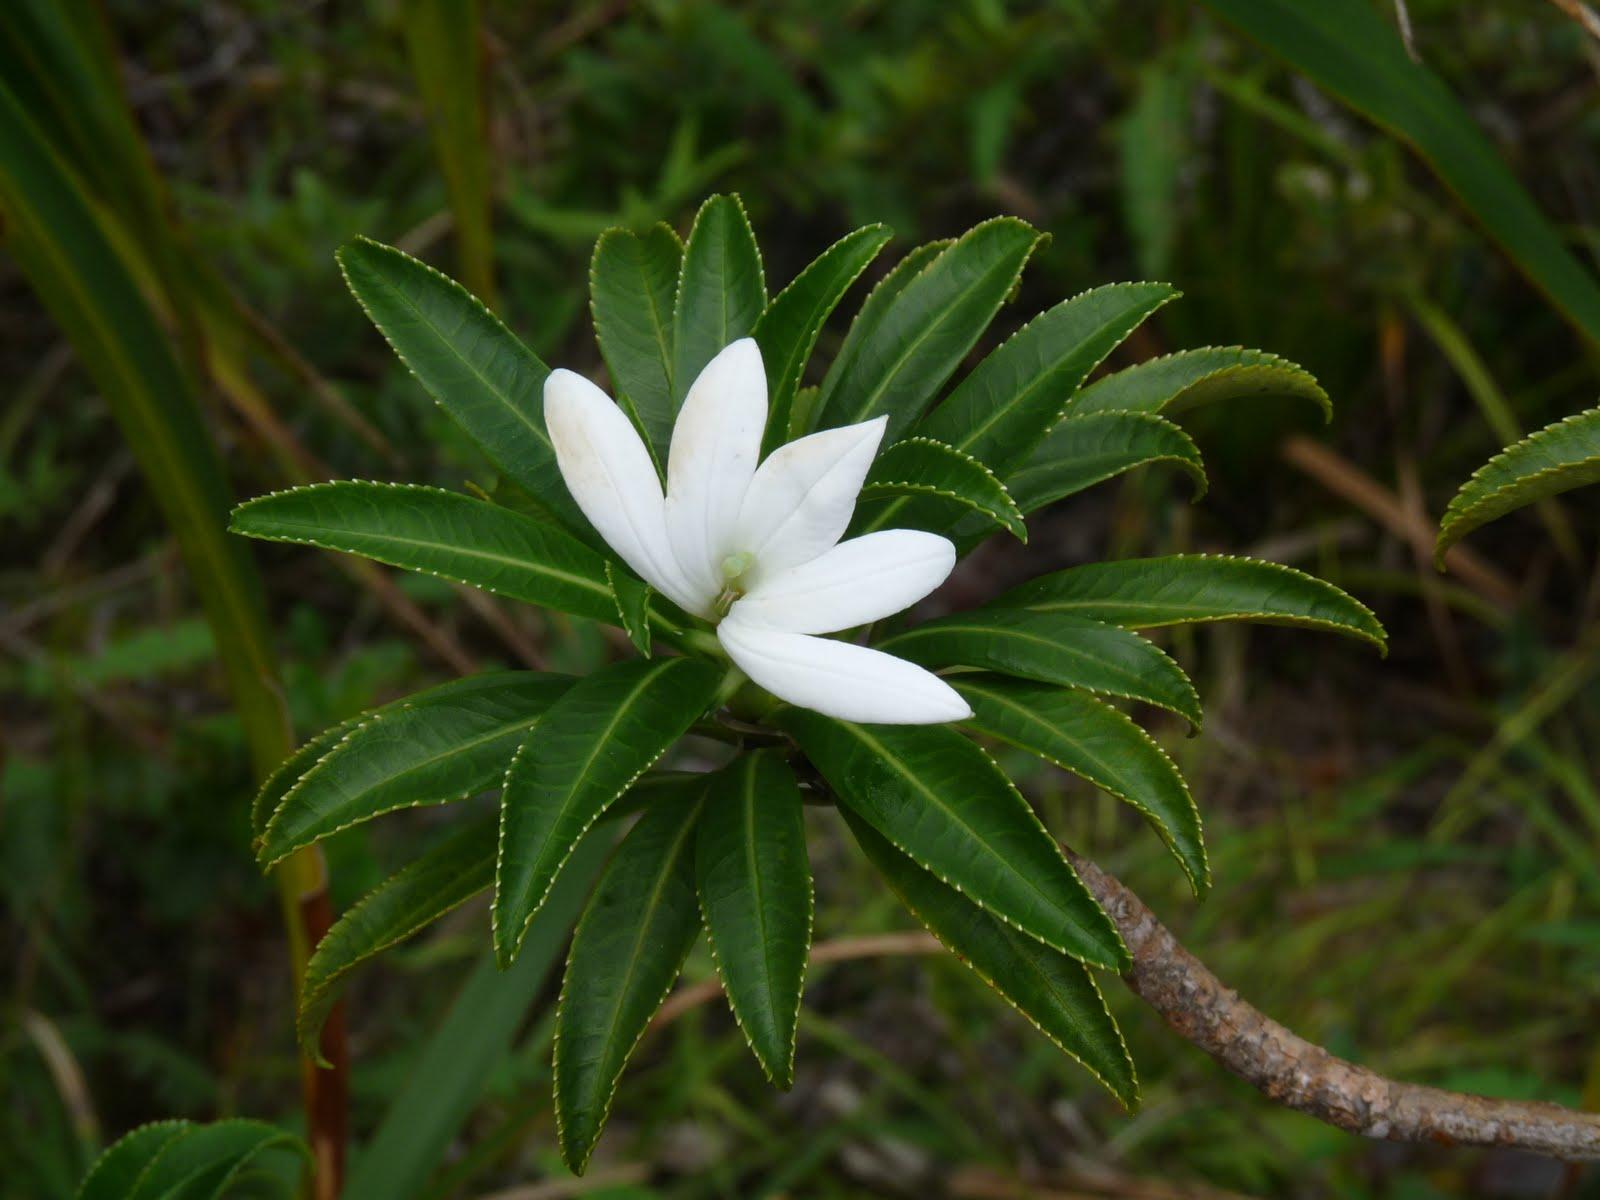 """L'endémique, rare et menacée Tiare Apetahi, qui pousse exclusivement sur le mont Temehani à Raiatea. """"On touche avec les yeux et on regarde avec les mains"""" dirait nos grands-mères ©Emilie & Nico / Blogspot"""